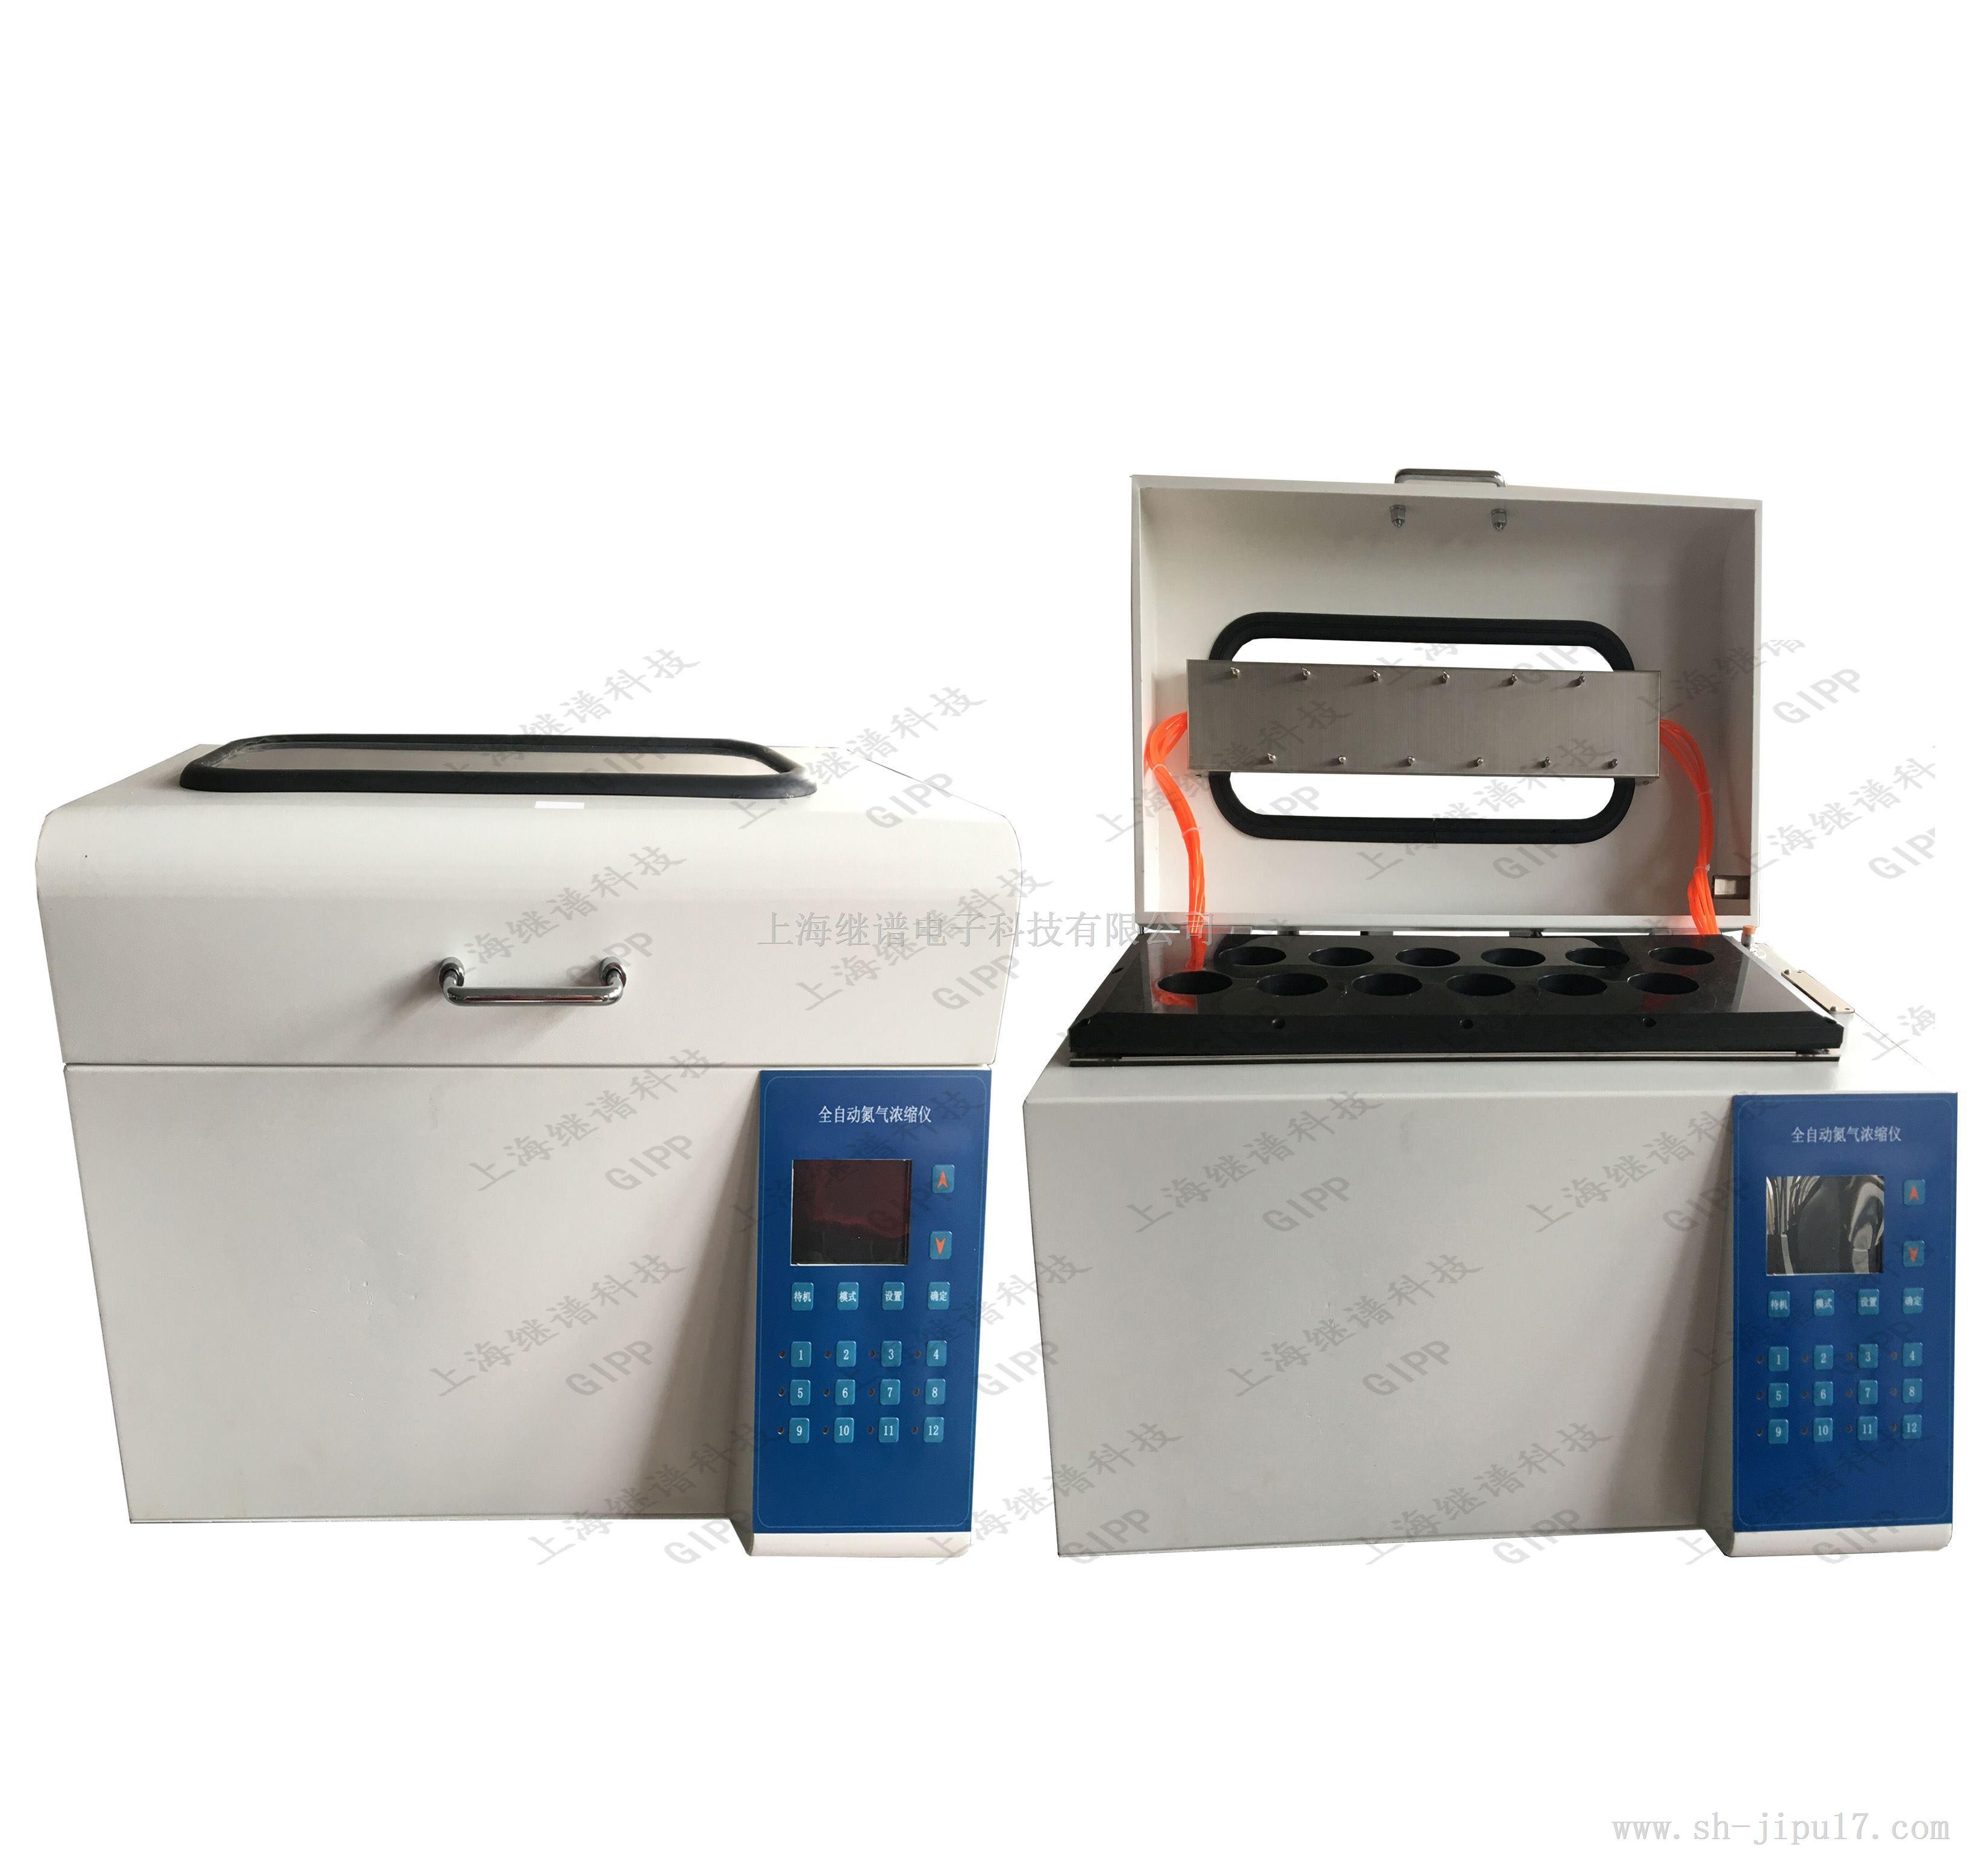 12孔全自动氮气浓缩仪-氮吹仪(多通道氮气浓缩仪)